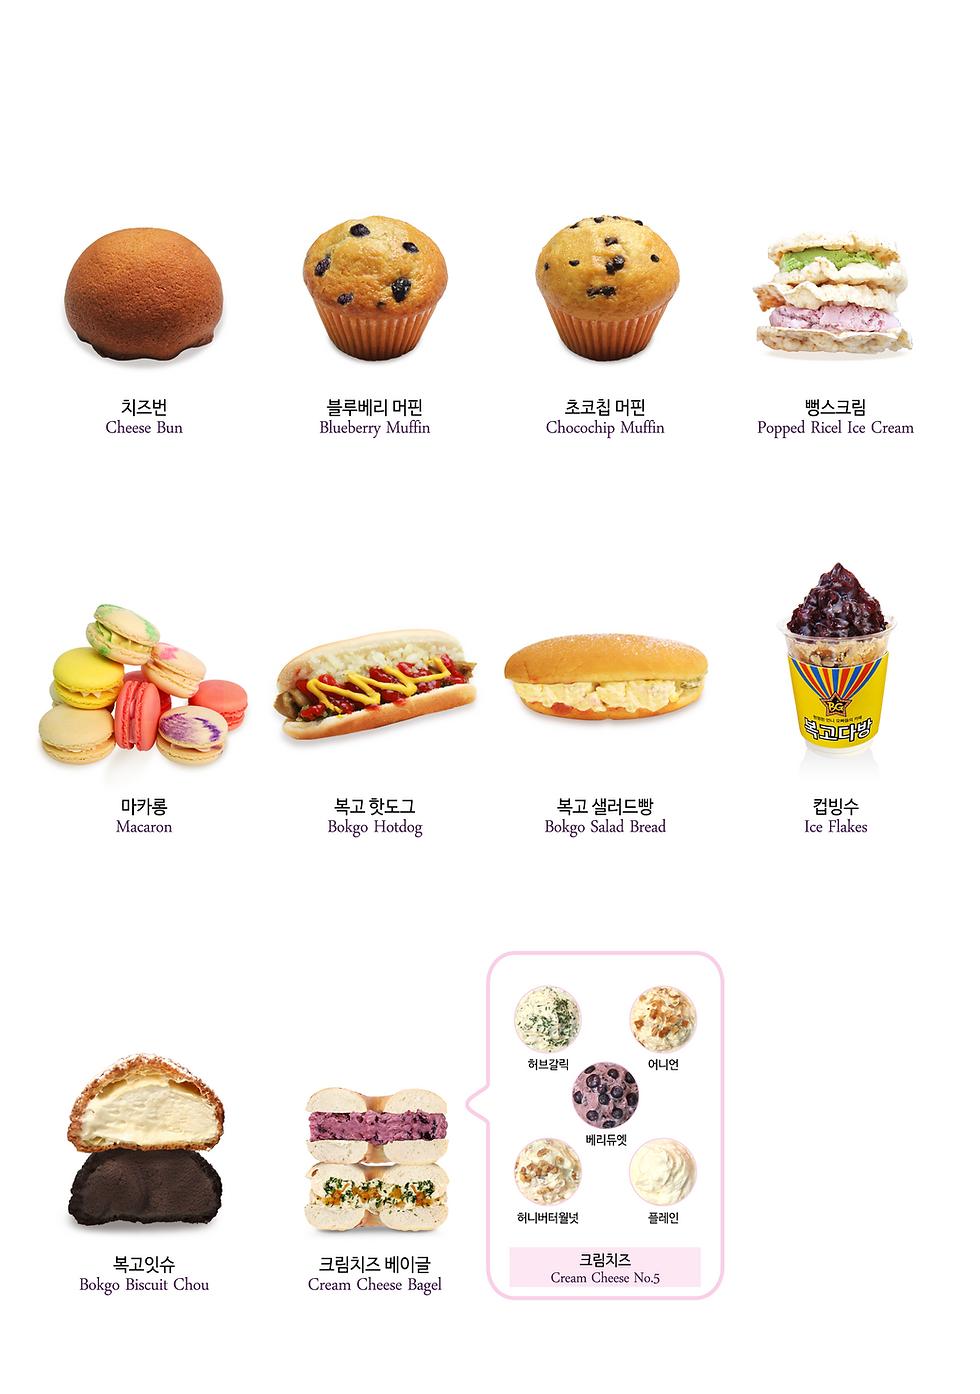 카페 디저트, 쇼케이스, 간식, 베이글, 샐러드빵, 핫도그